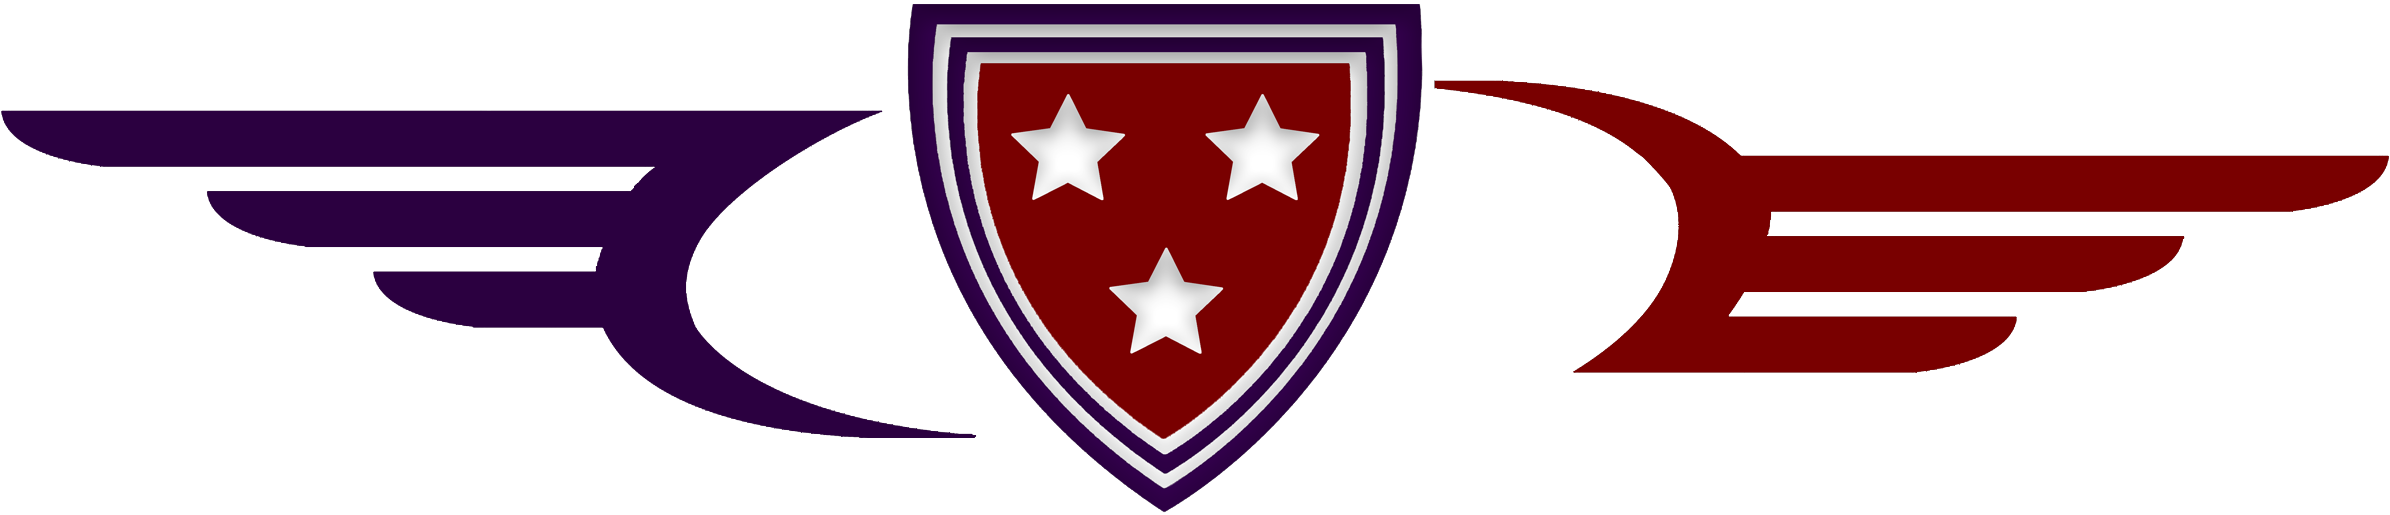 Grades clipart grade 9. English shsenglishstudies shs logo